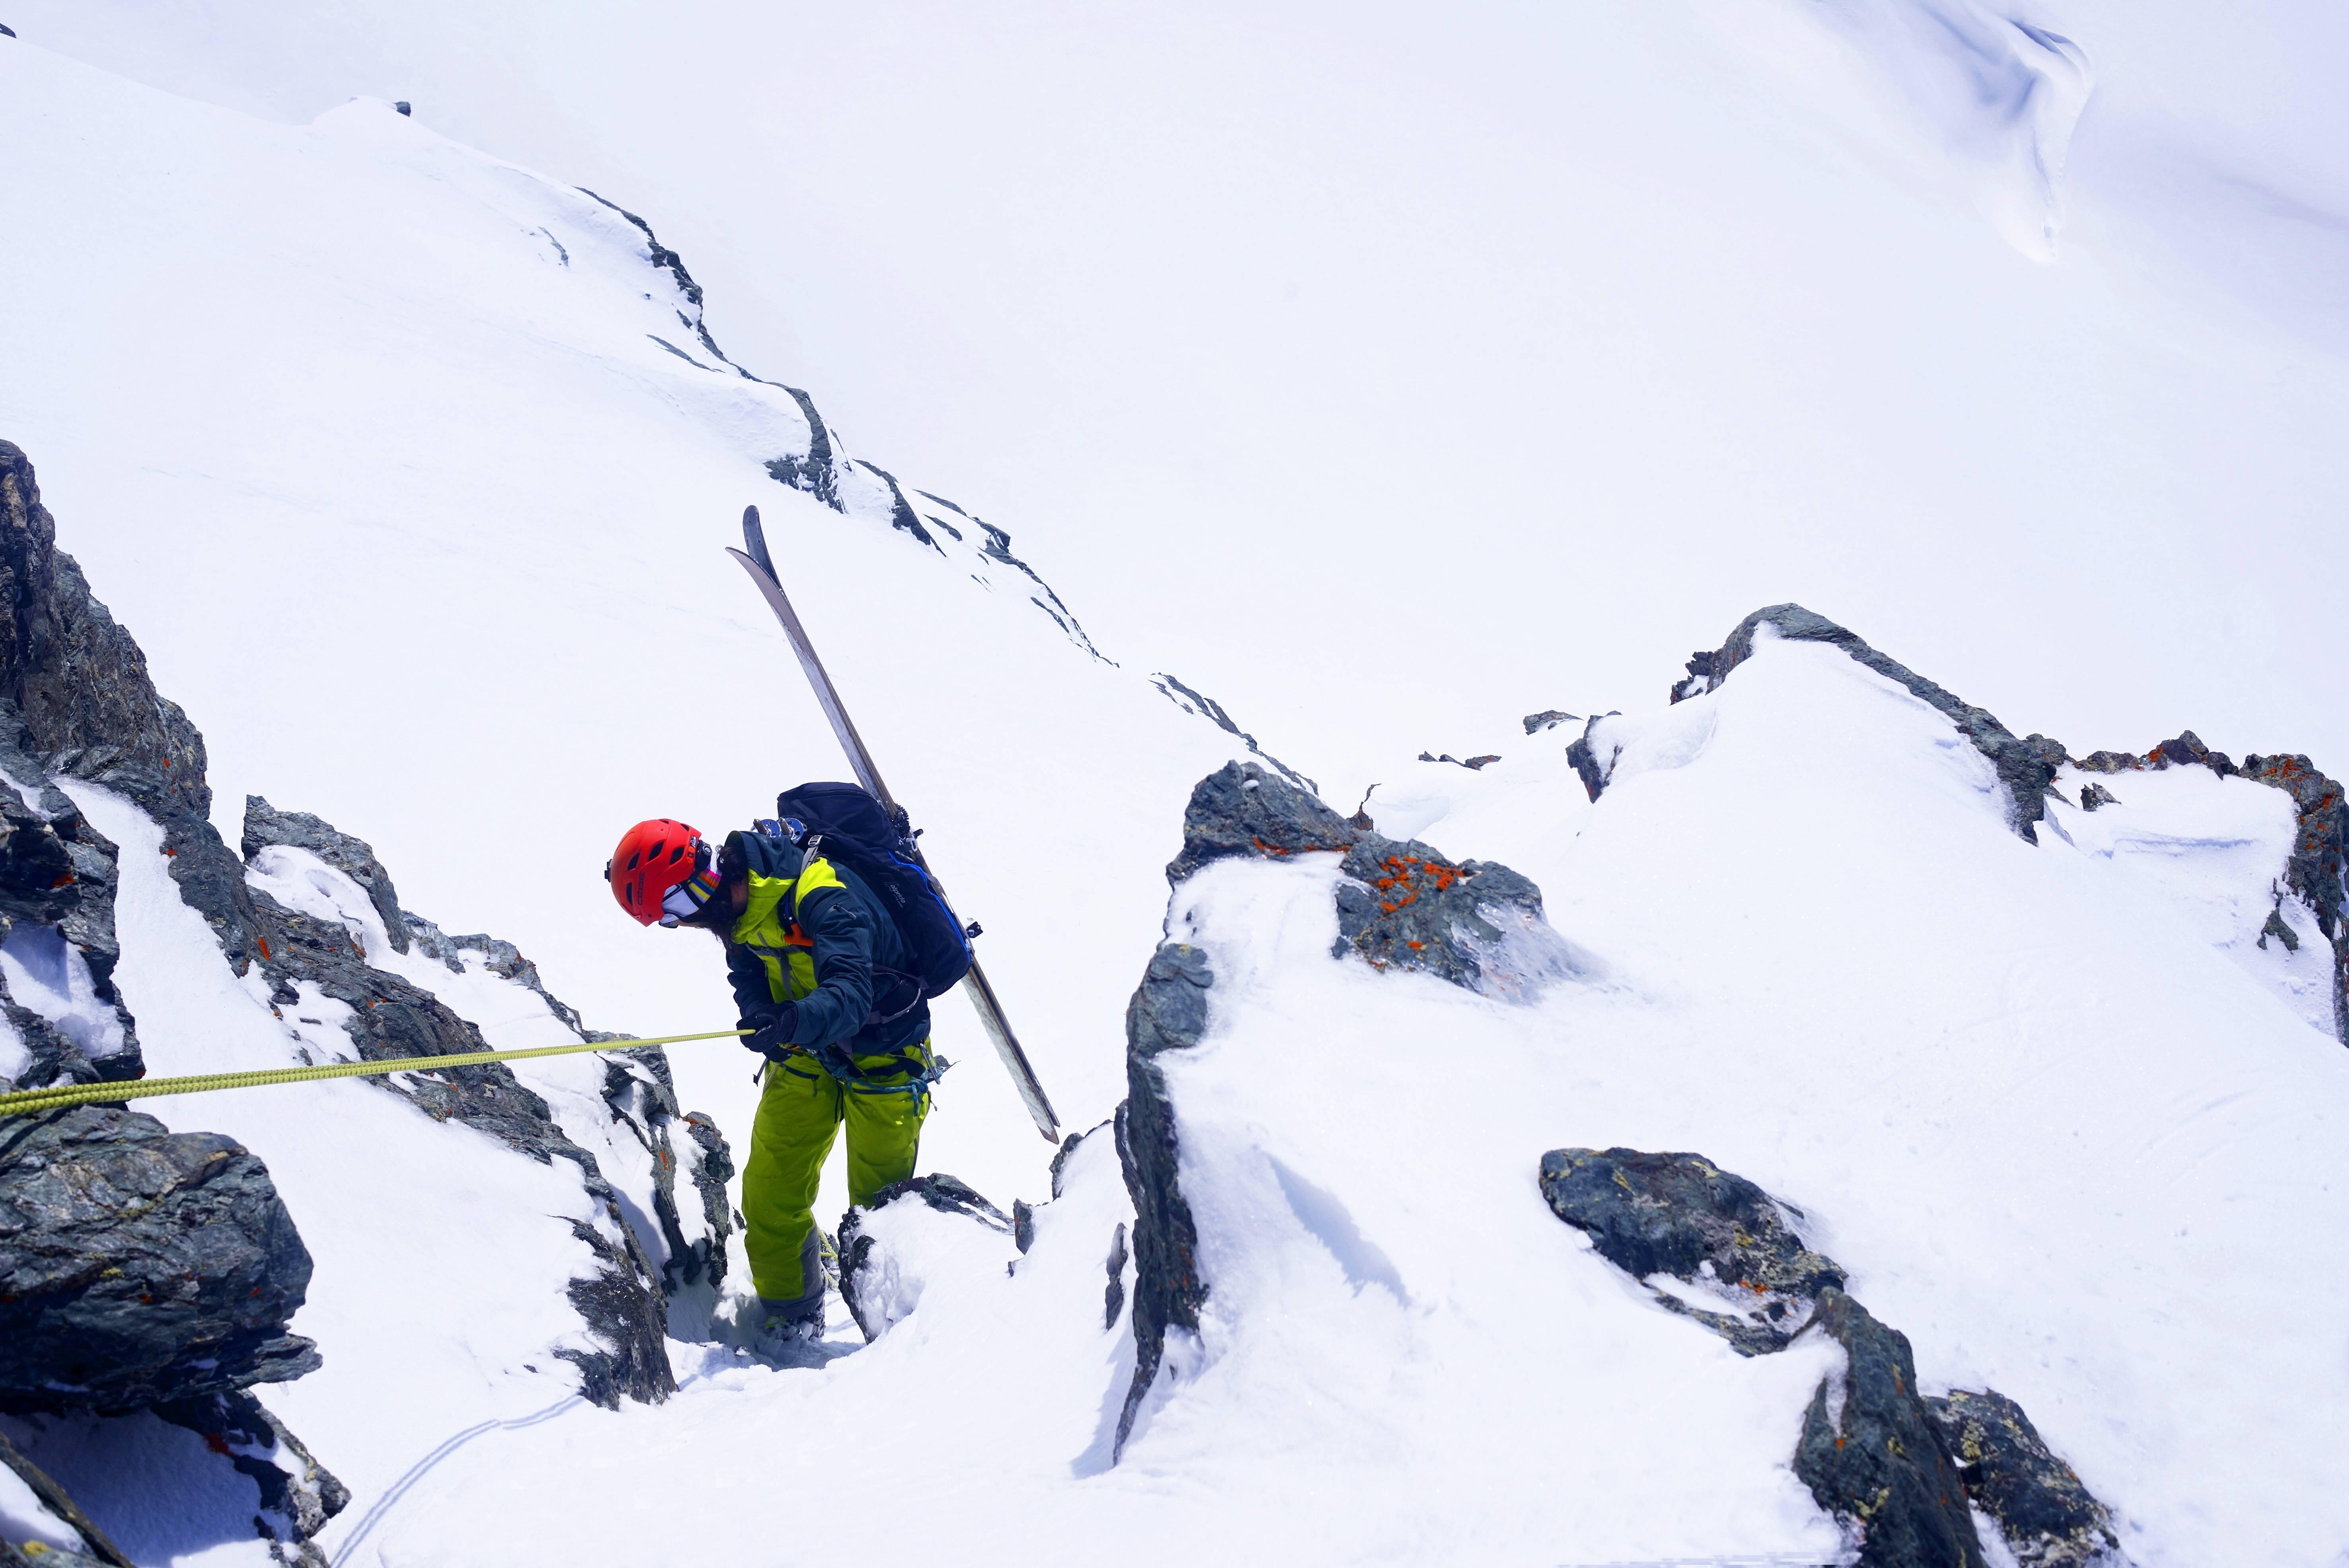 Klettergurt Für Klettersteig Test : Test petzl adjama klettergurt